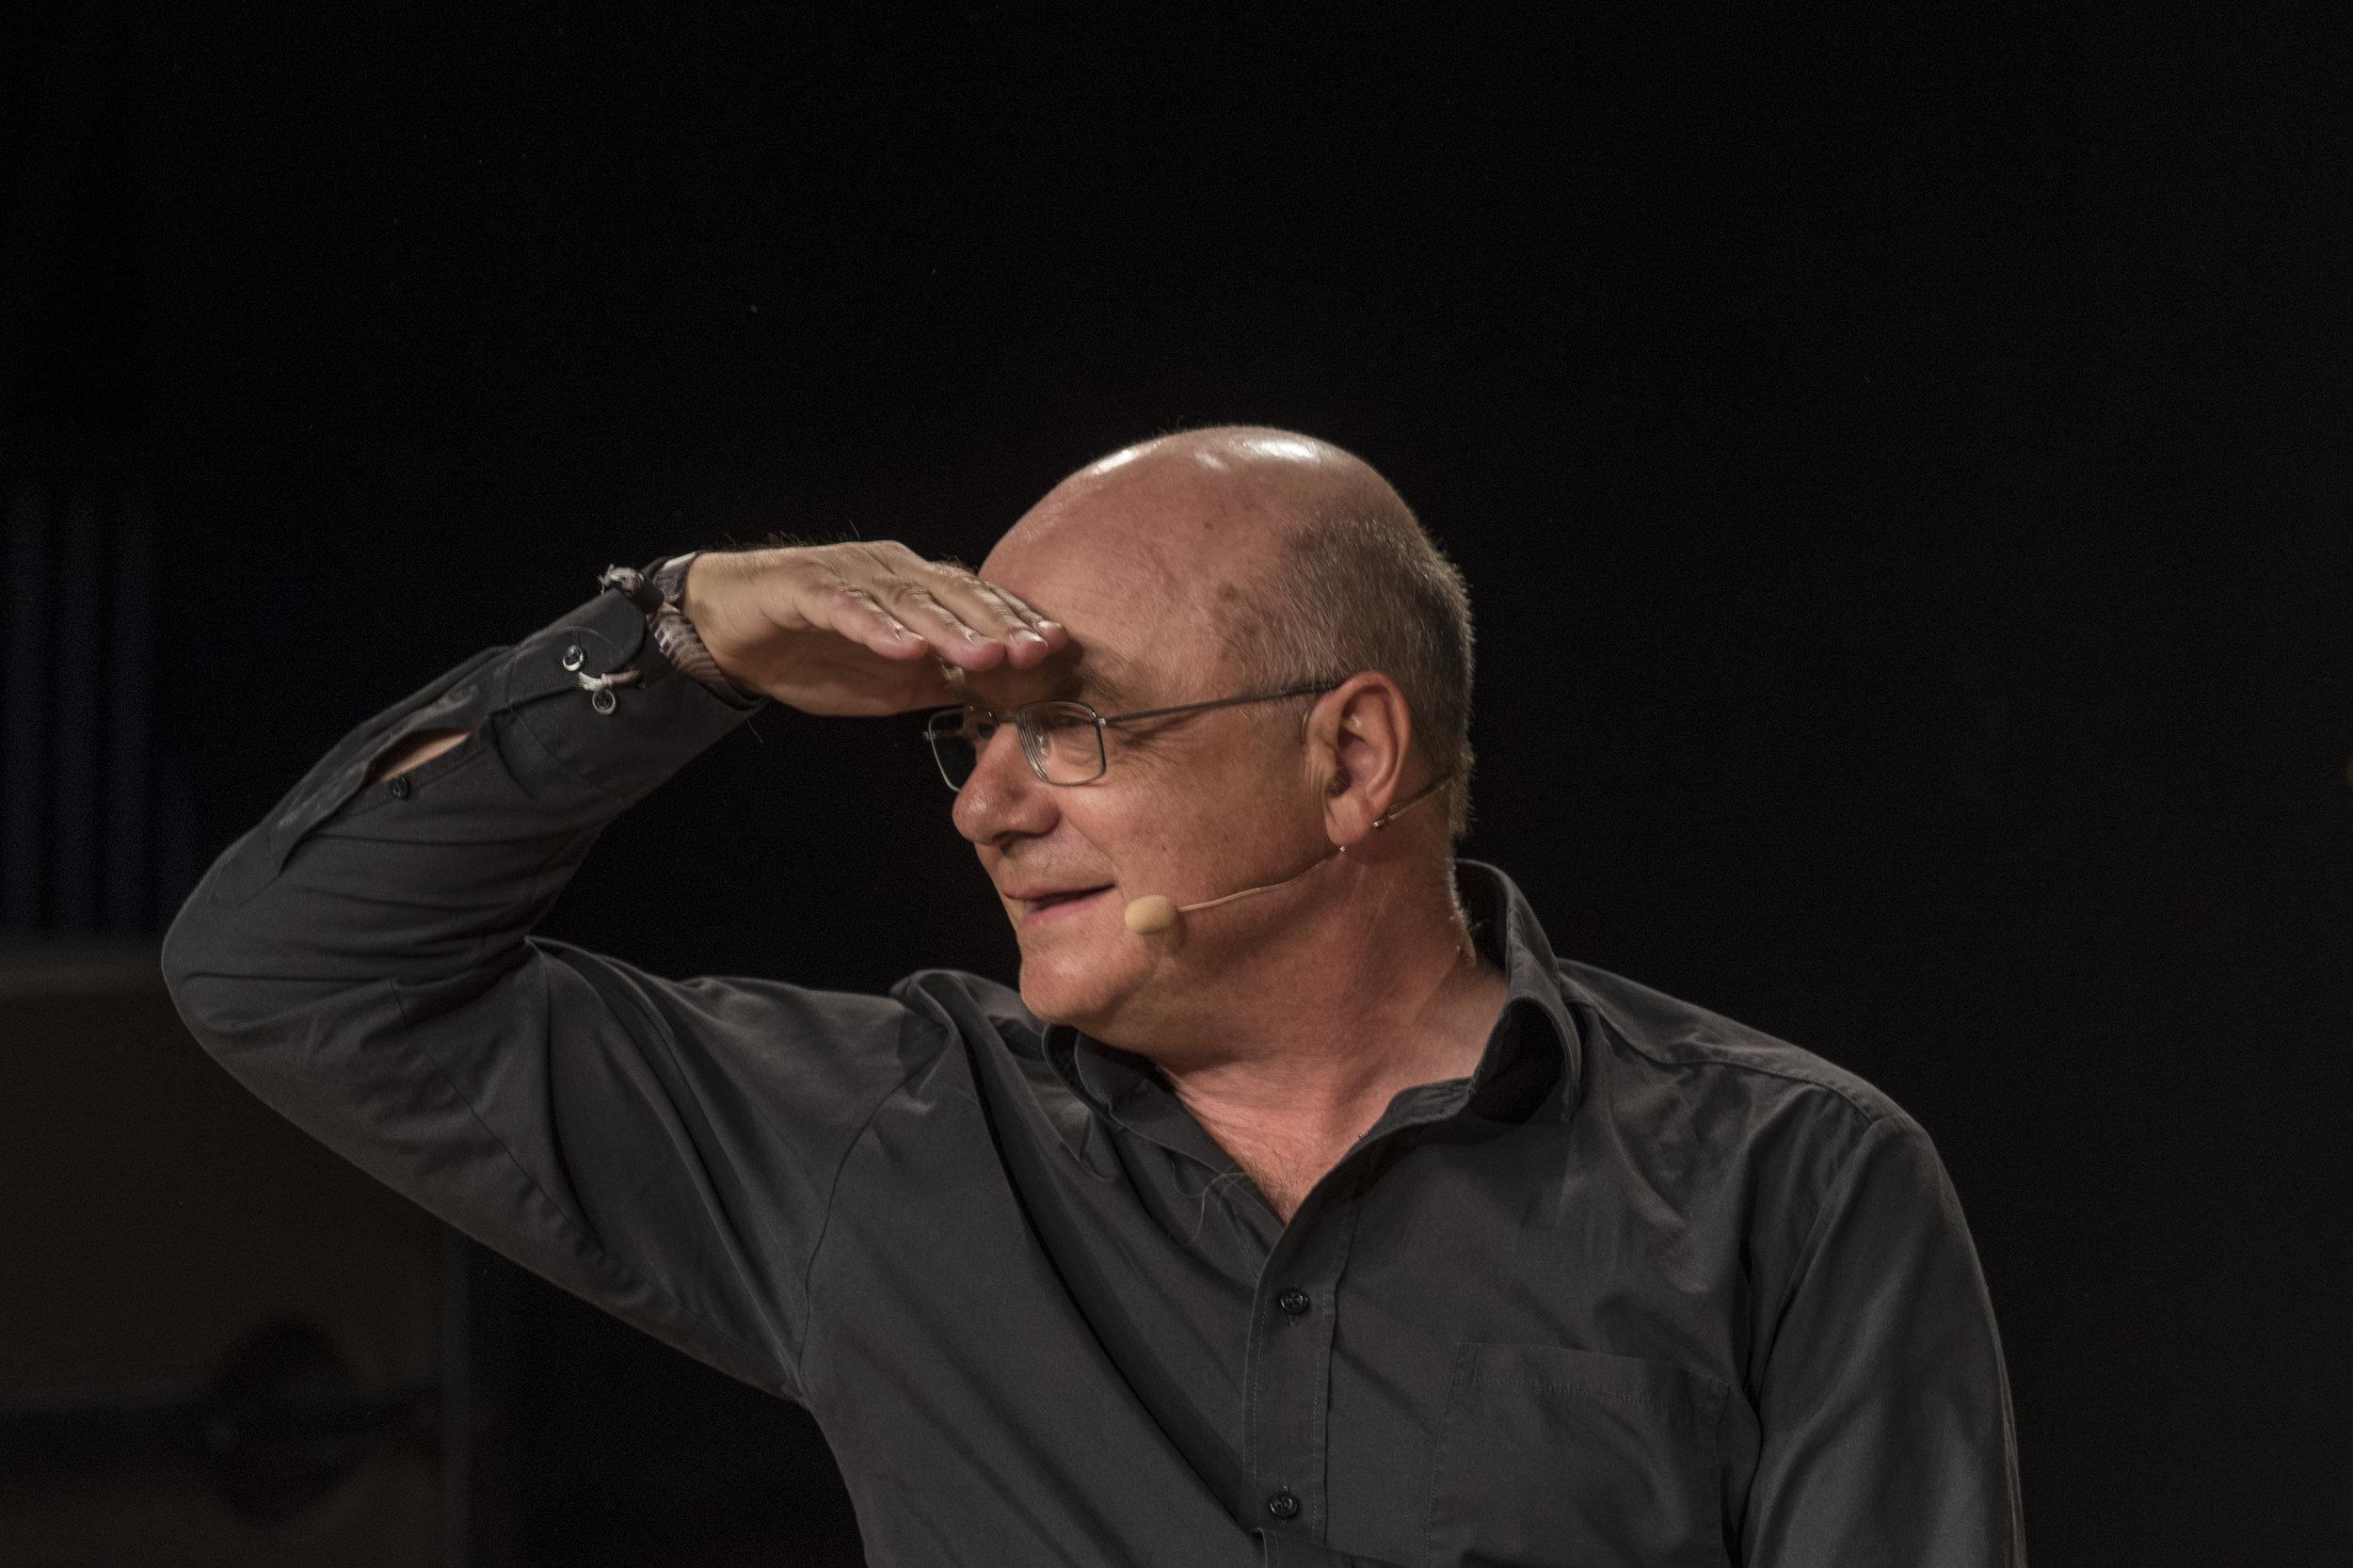 20 skarpe til Tor Nørretranders - I 1960'erne udgav den schweiziske forfatter, arkitekt og tænker Max Frisch sin legendariske bog 'Spørgeskemaer'. Forfatter Tor Nørretranders svarer på 20 af de skarpeste og skæveste spørgsmål fra bogen.